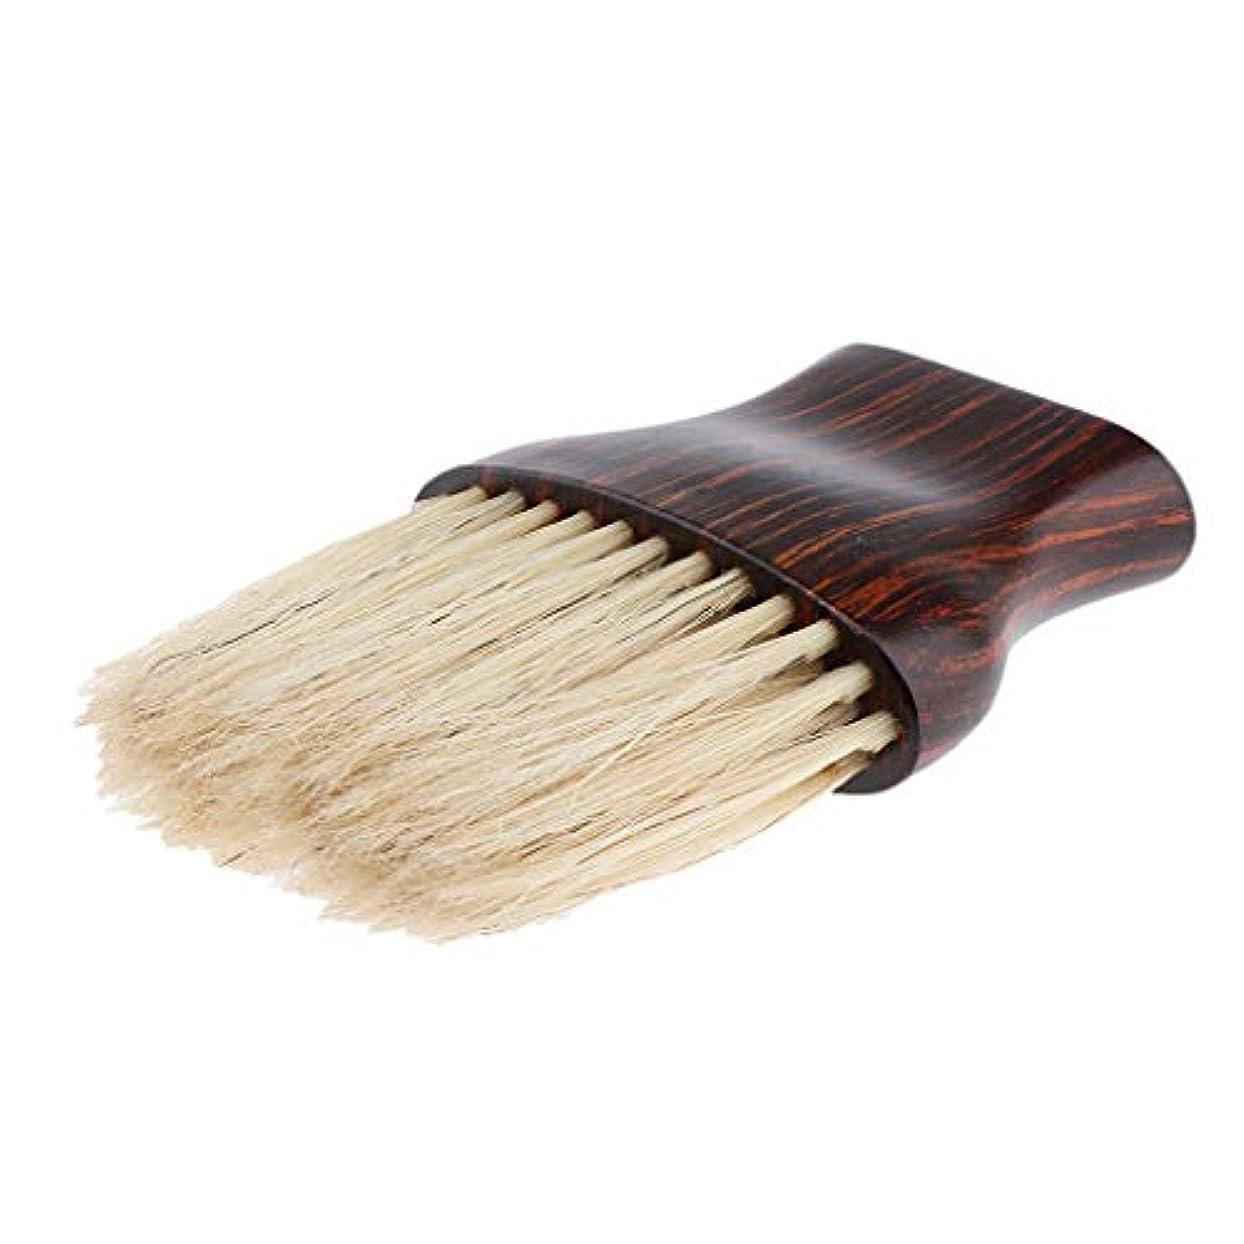 浸す休戦七面鳥ネックダスターブラシ 柔らかい繊維 ヘアブラシ 木製ハンドル 快適